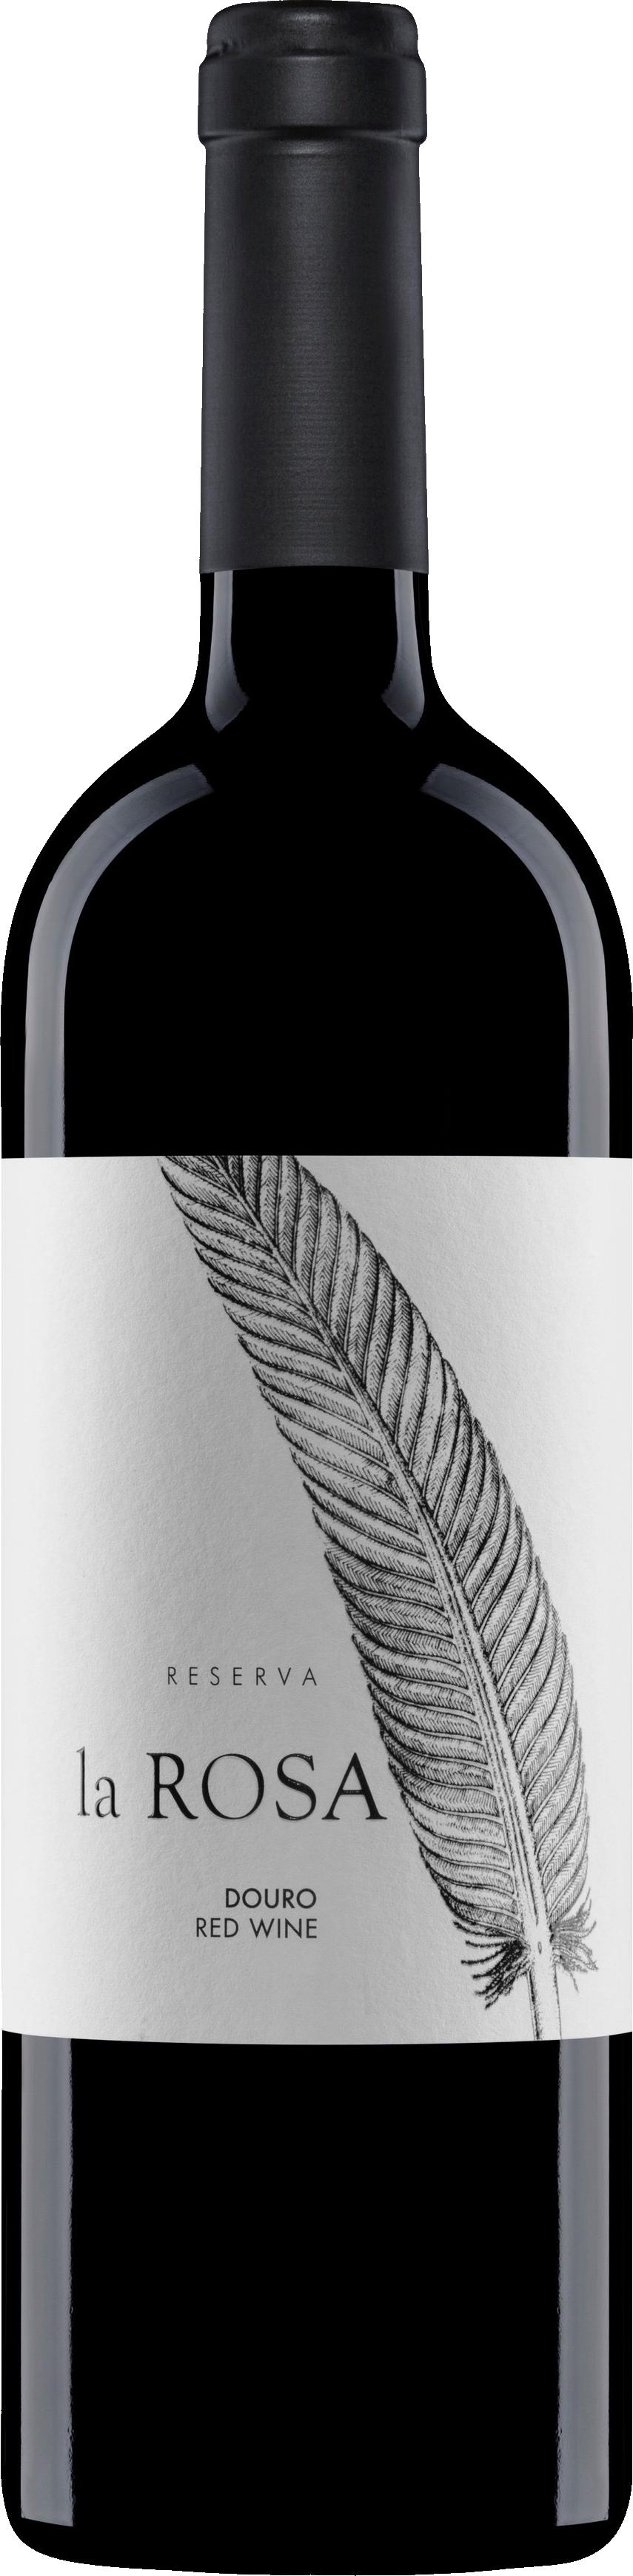 Quinta de la Rosa Reserve red wine 2017